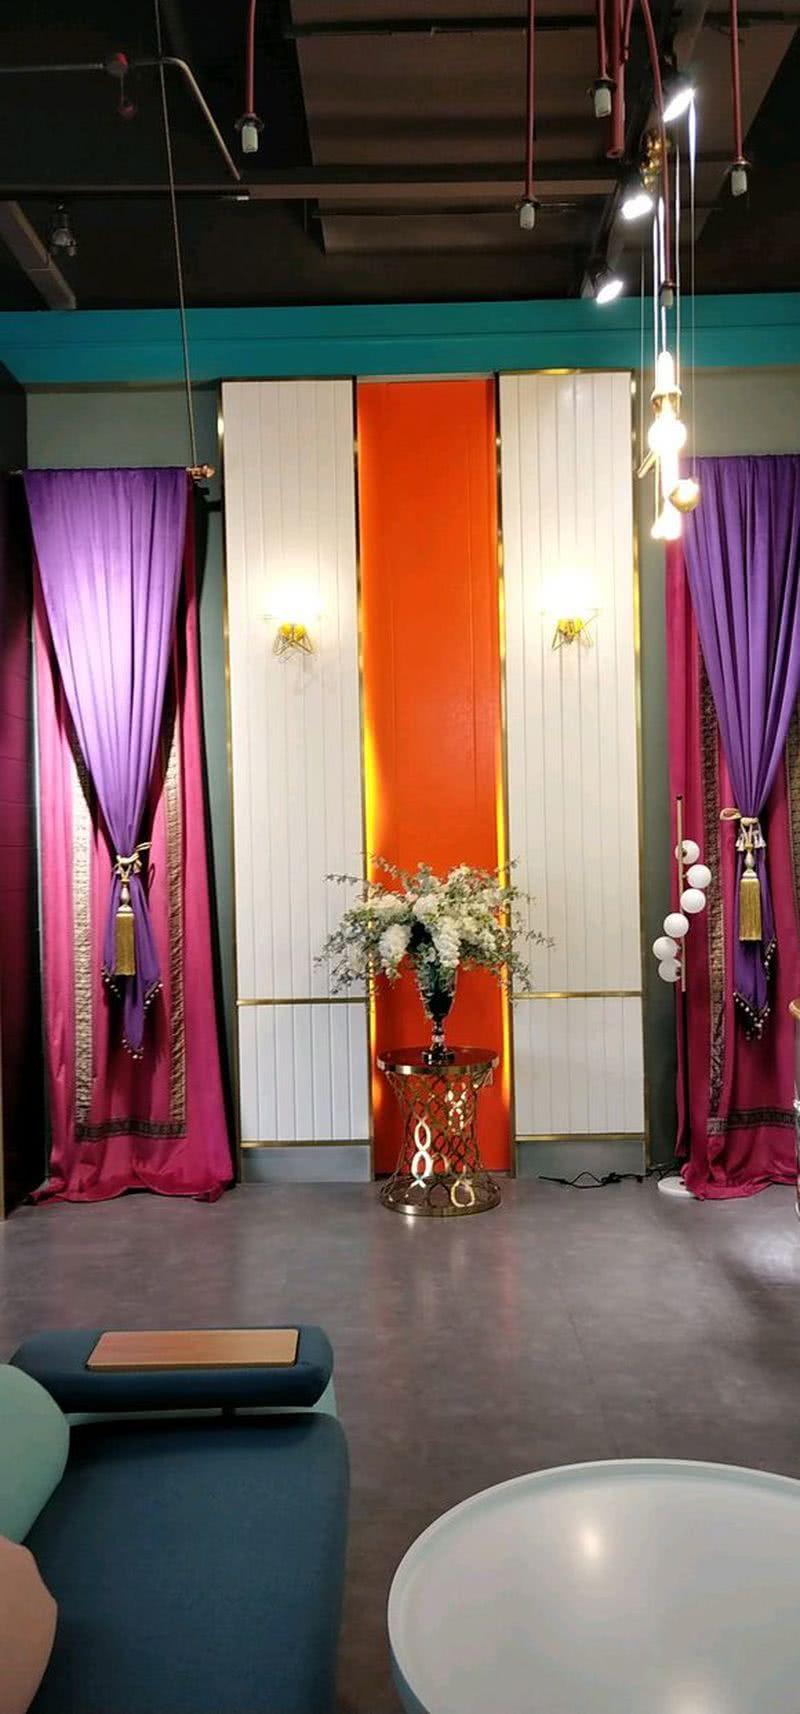 软装家具布艺背景墙展示